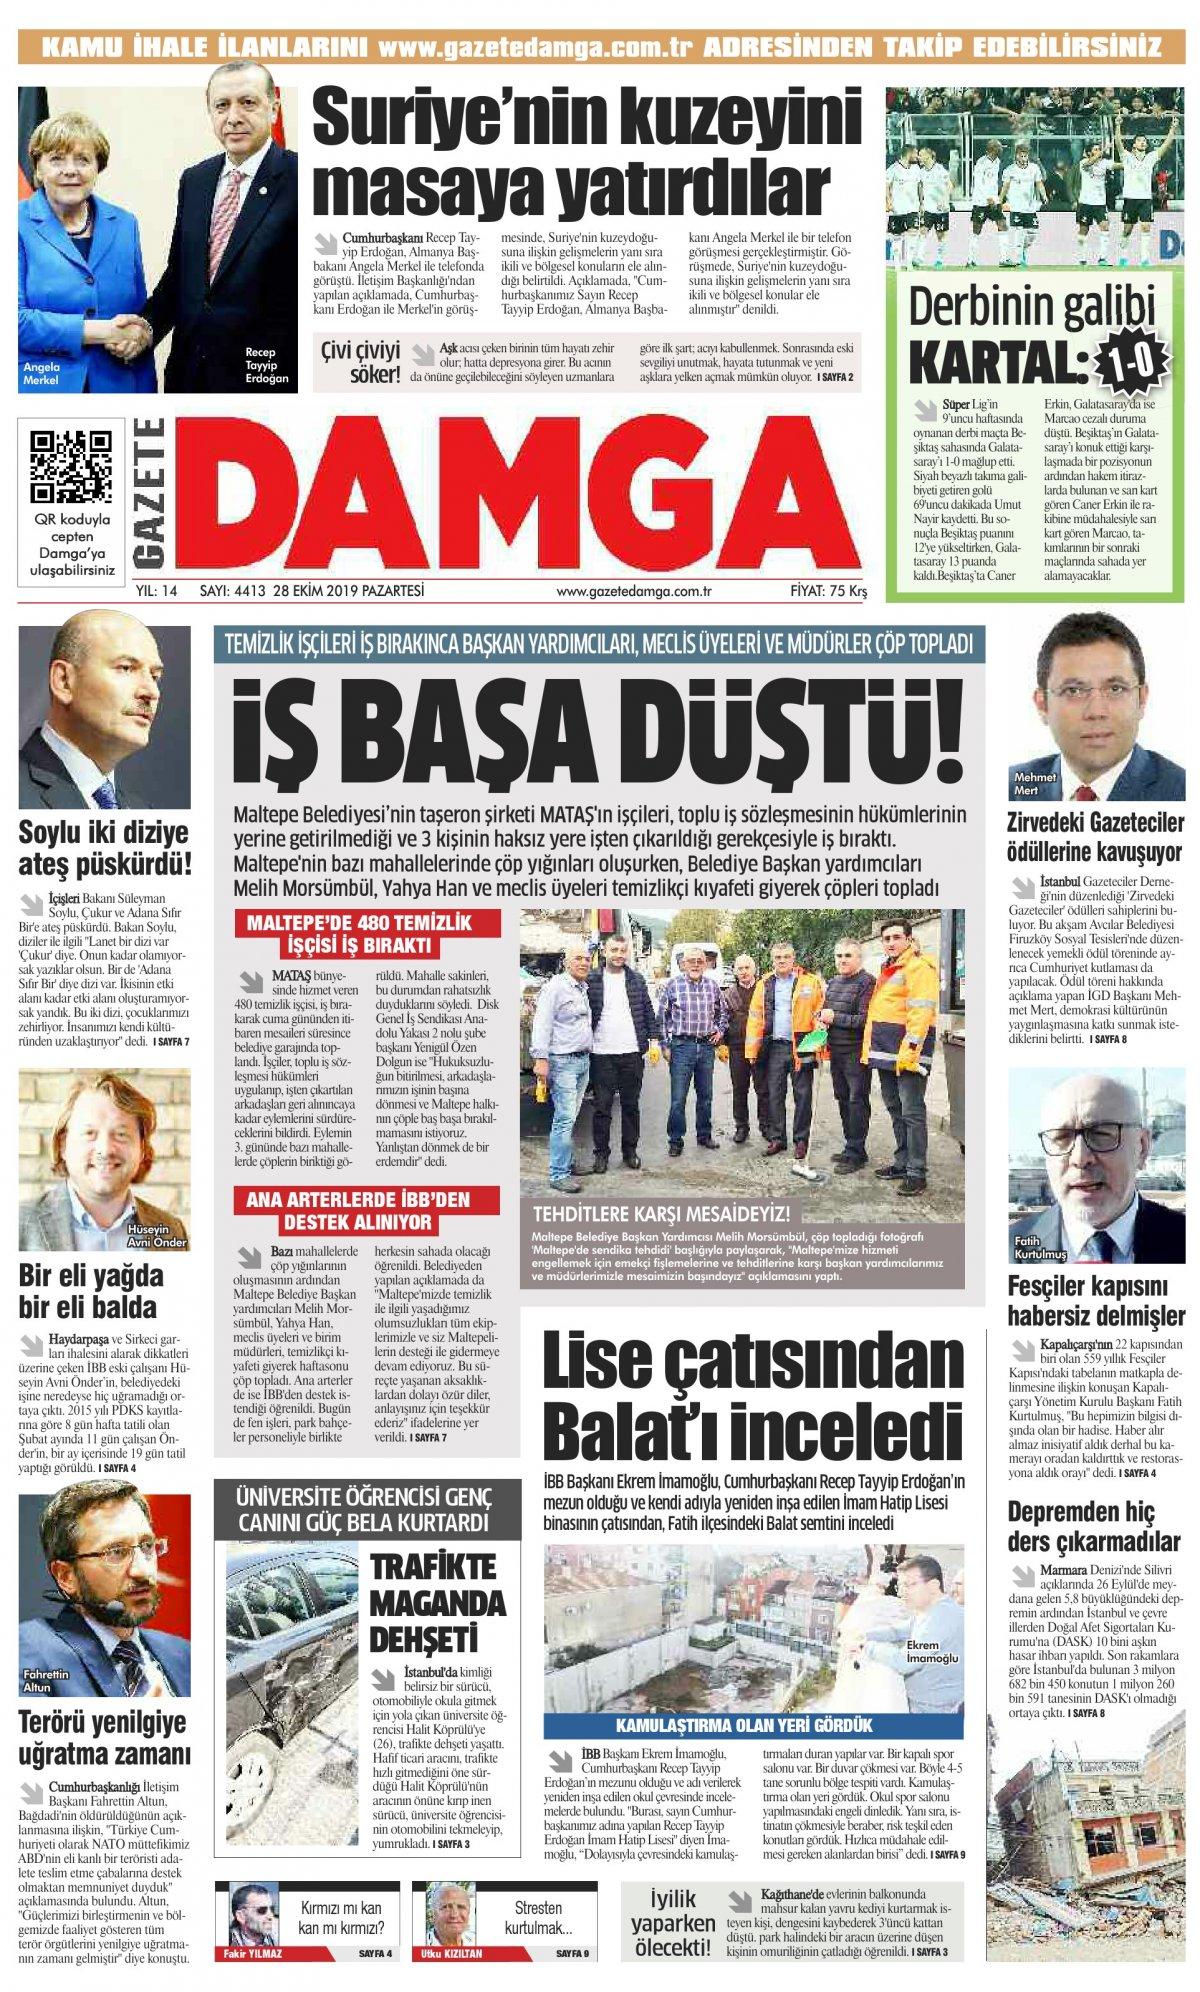 Gazete Damga - 28.10.2019 Sayfaları